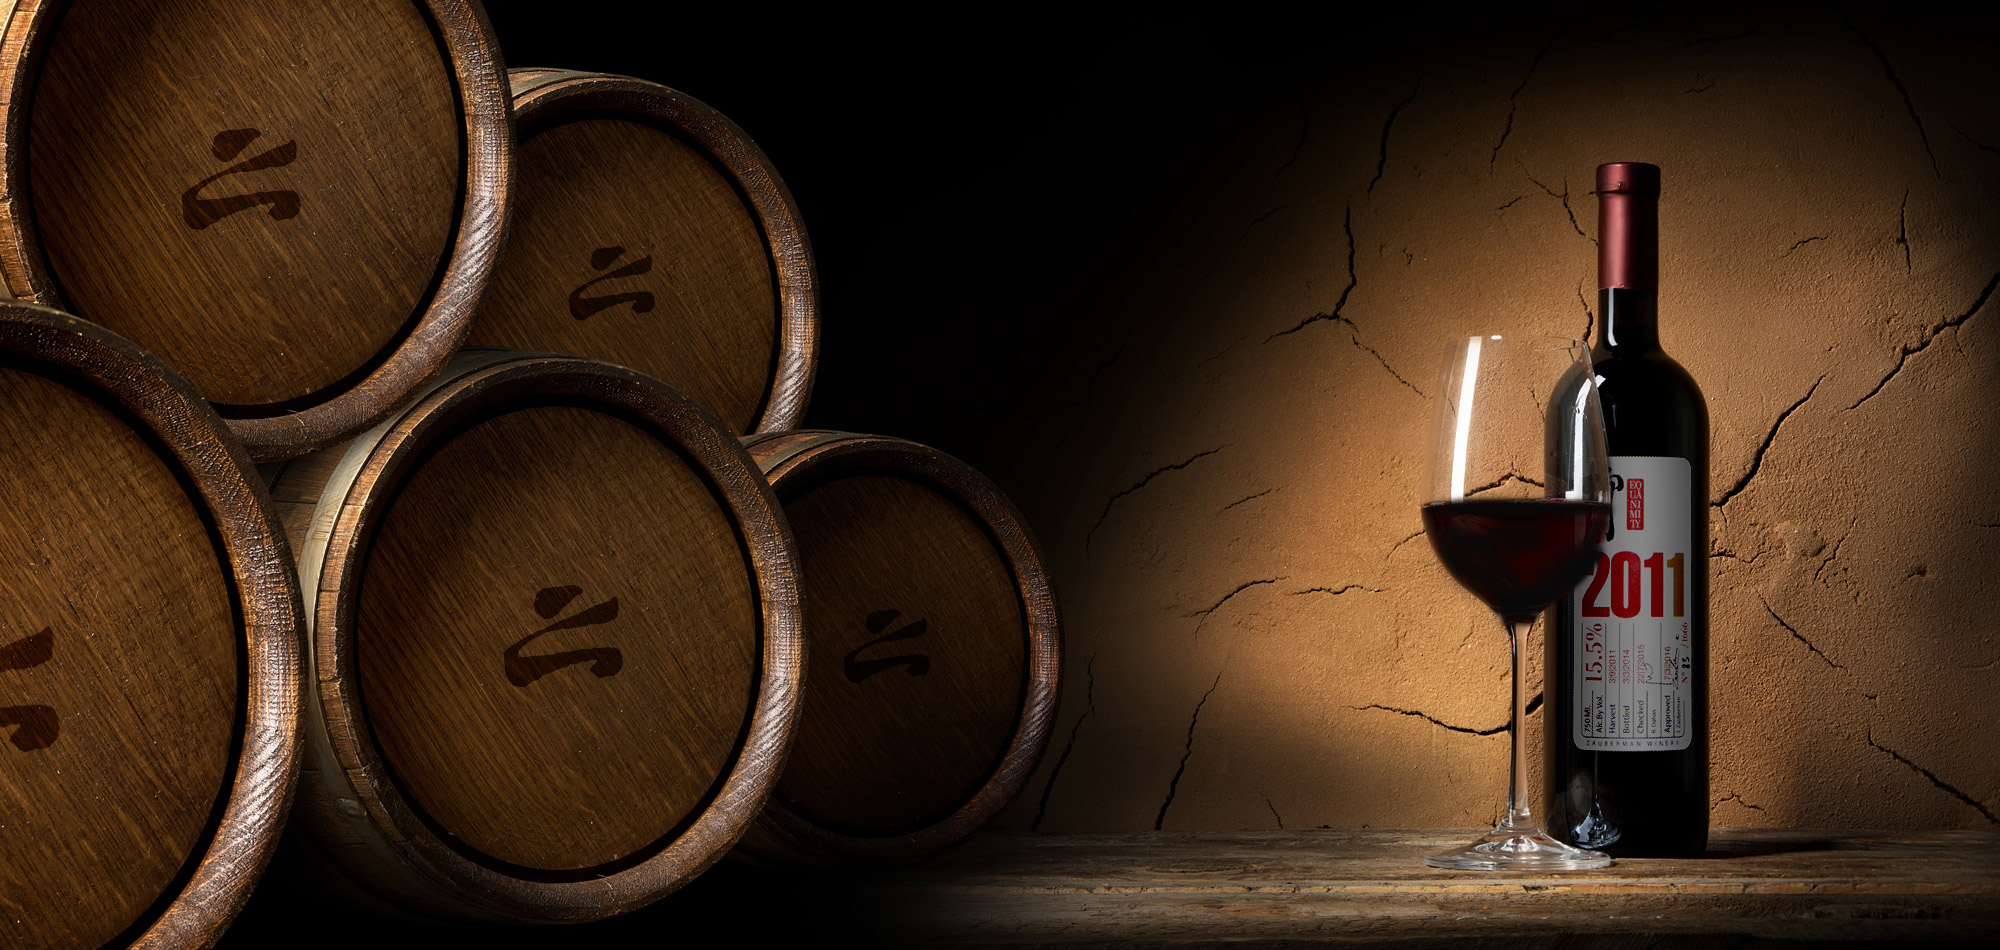 חביות היין של יקב זאוברמן